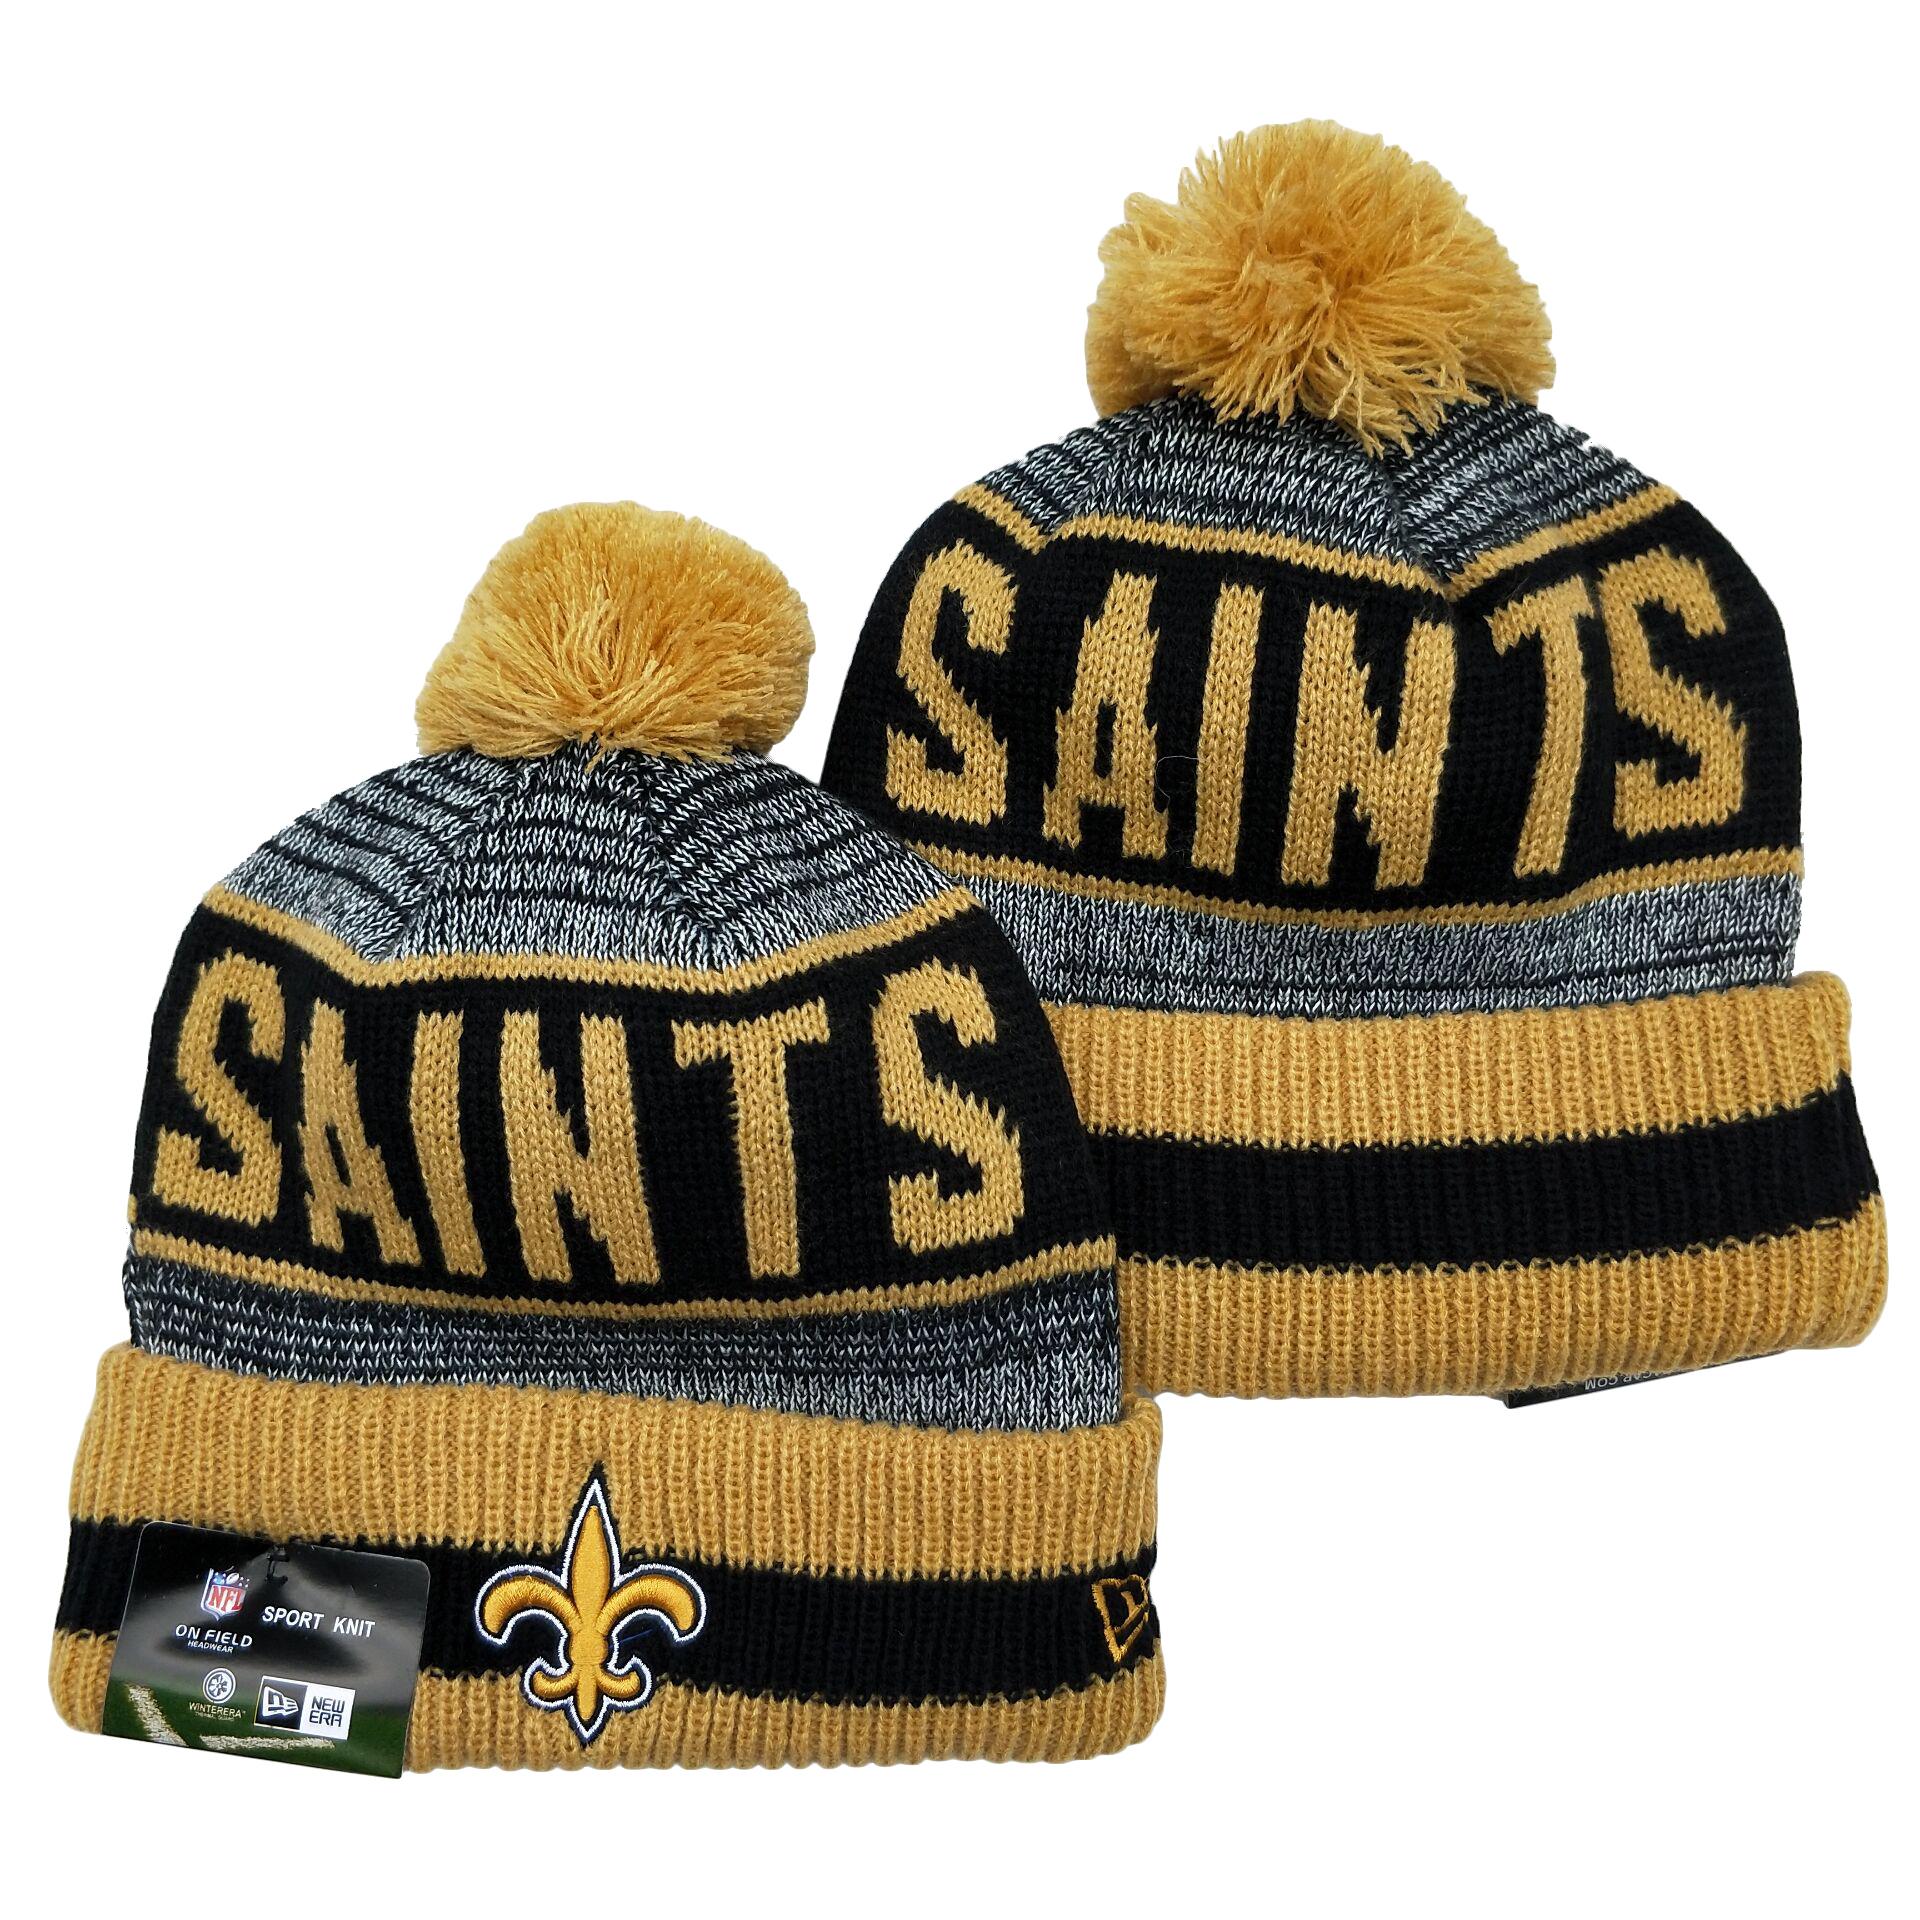 Saints Team Logo Gray Cream Pom Cuffed Knit Hat YD